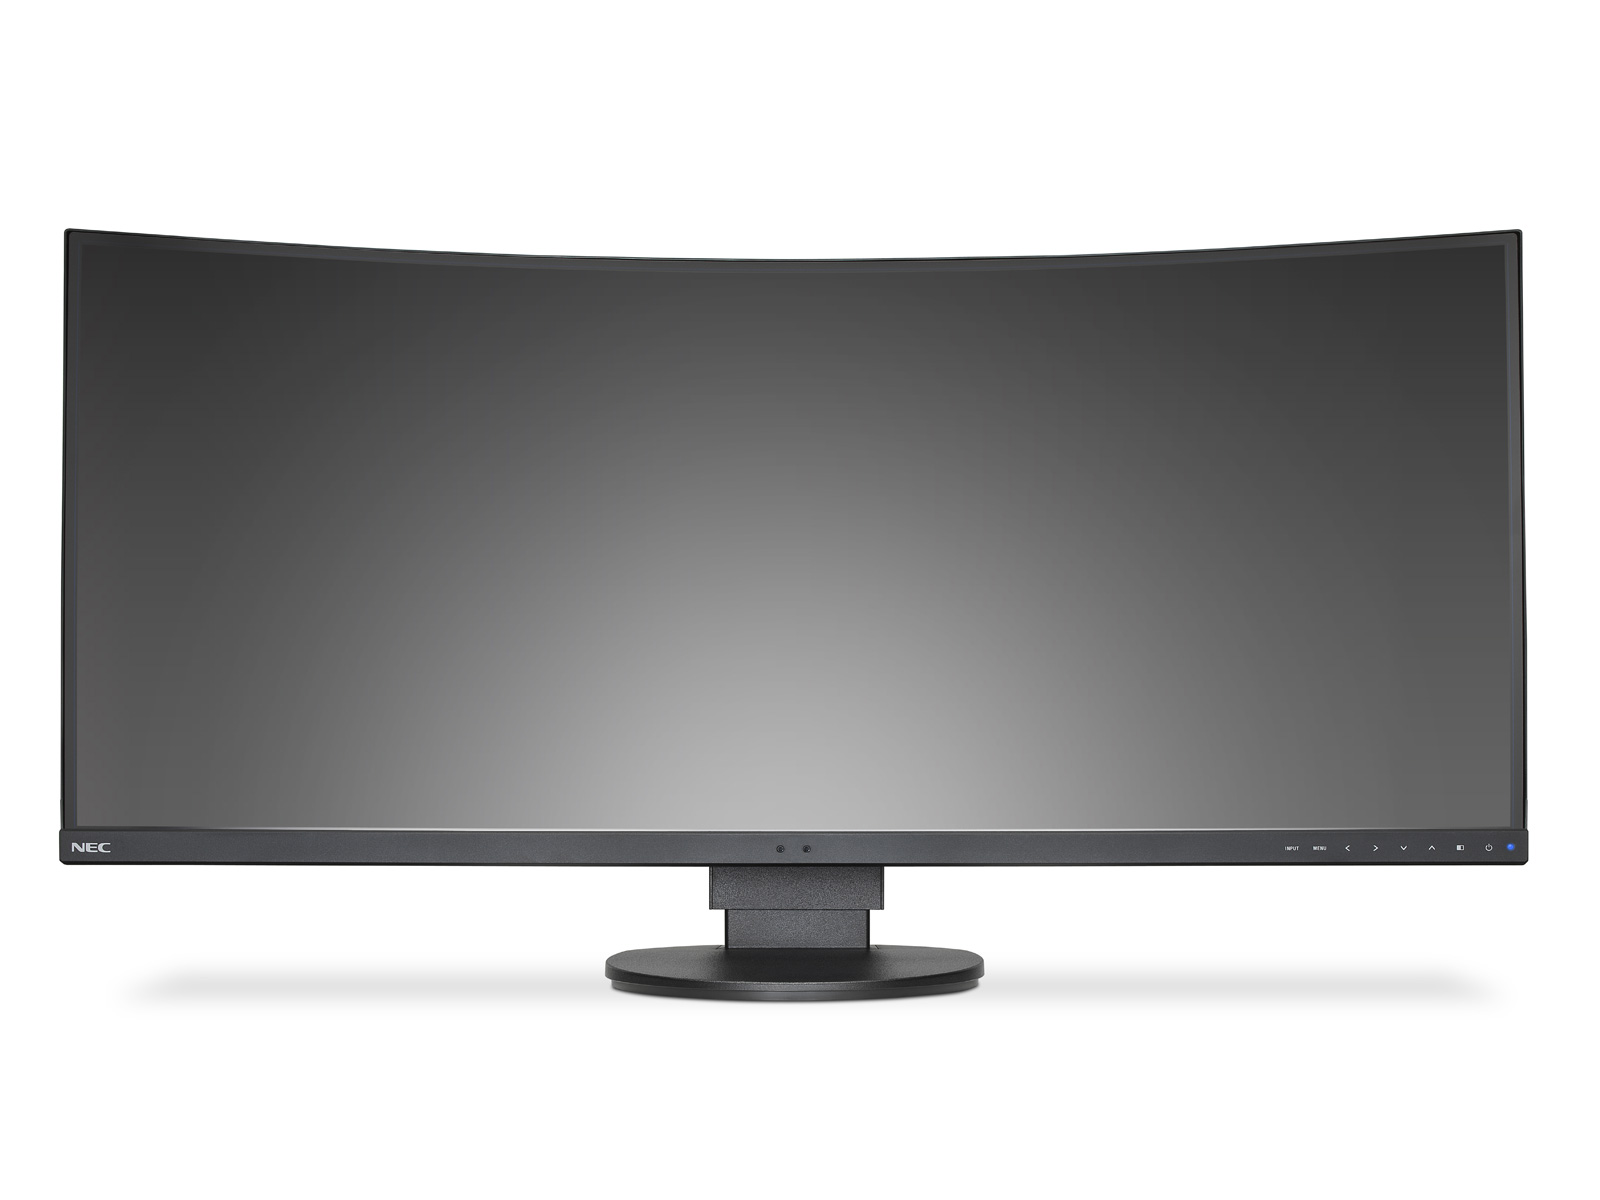 NEC Monitor Driver for Windows Mac